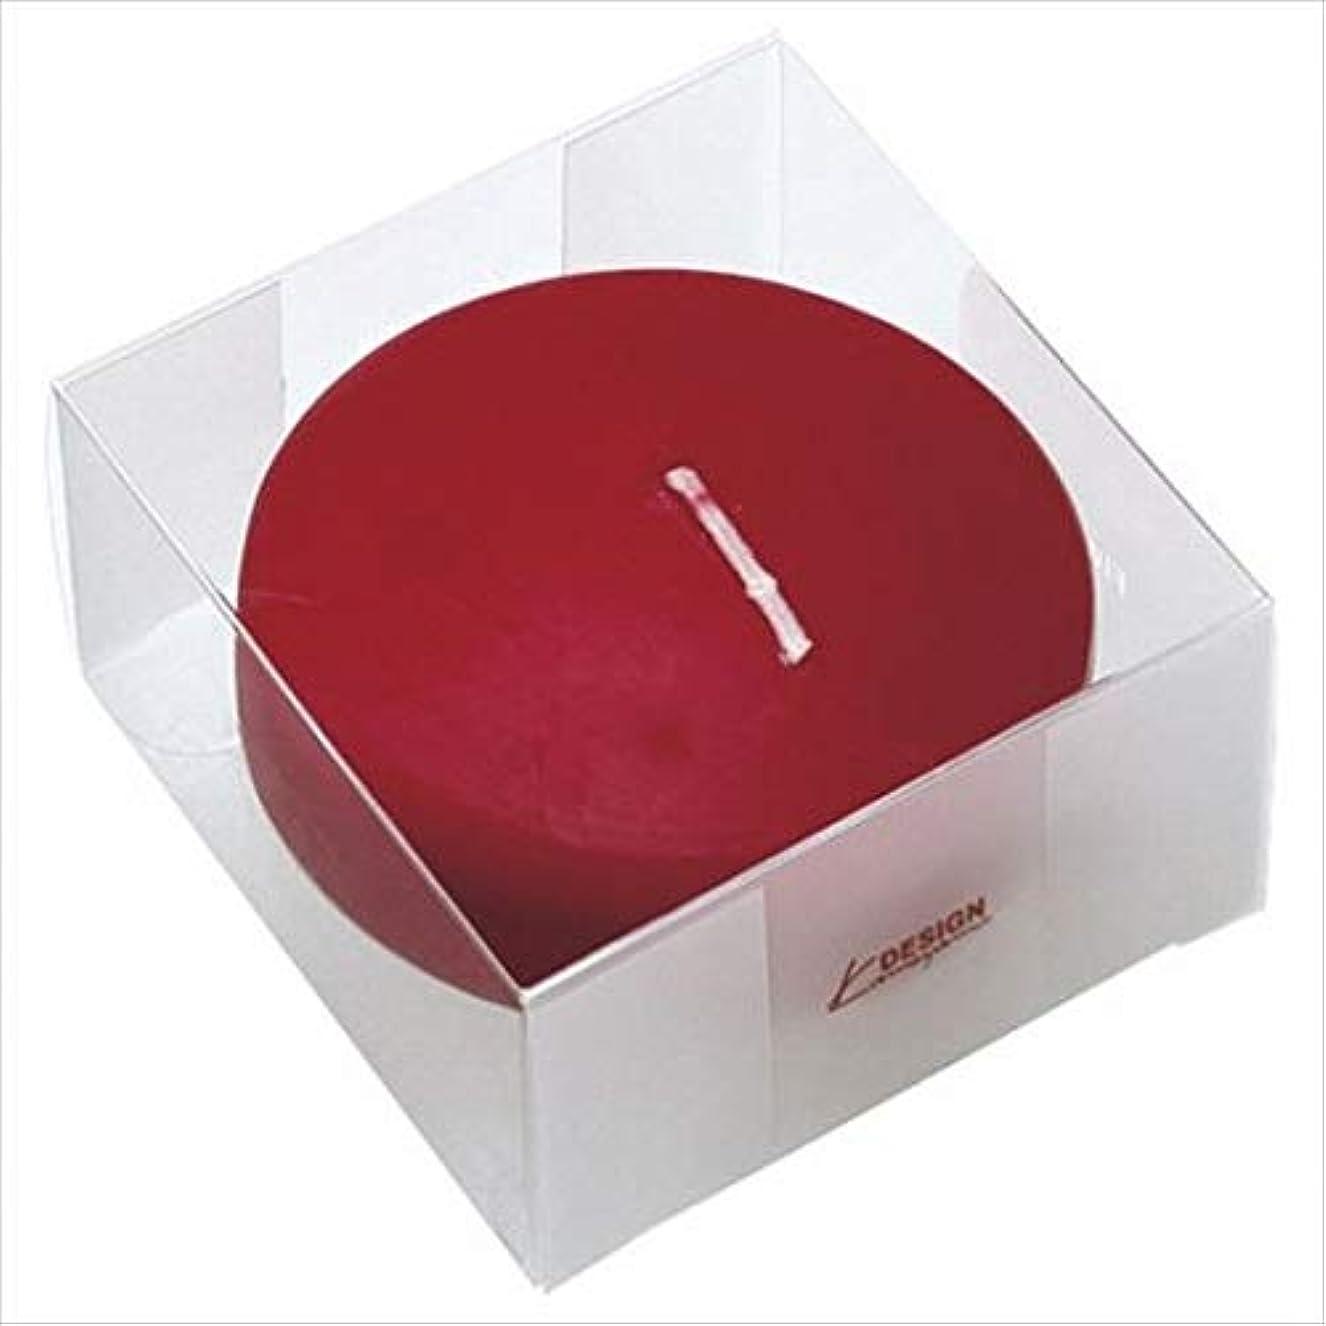 むちゃくちゃ奪うキャンプカメヤマキャンドル(kameyama candle) プール80 (箱入り) 「 ワインレッド 」 キャンドル 6個セット